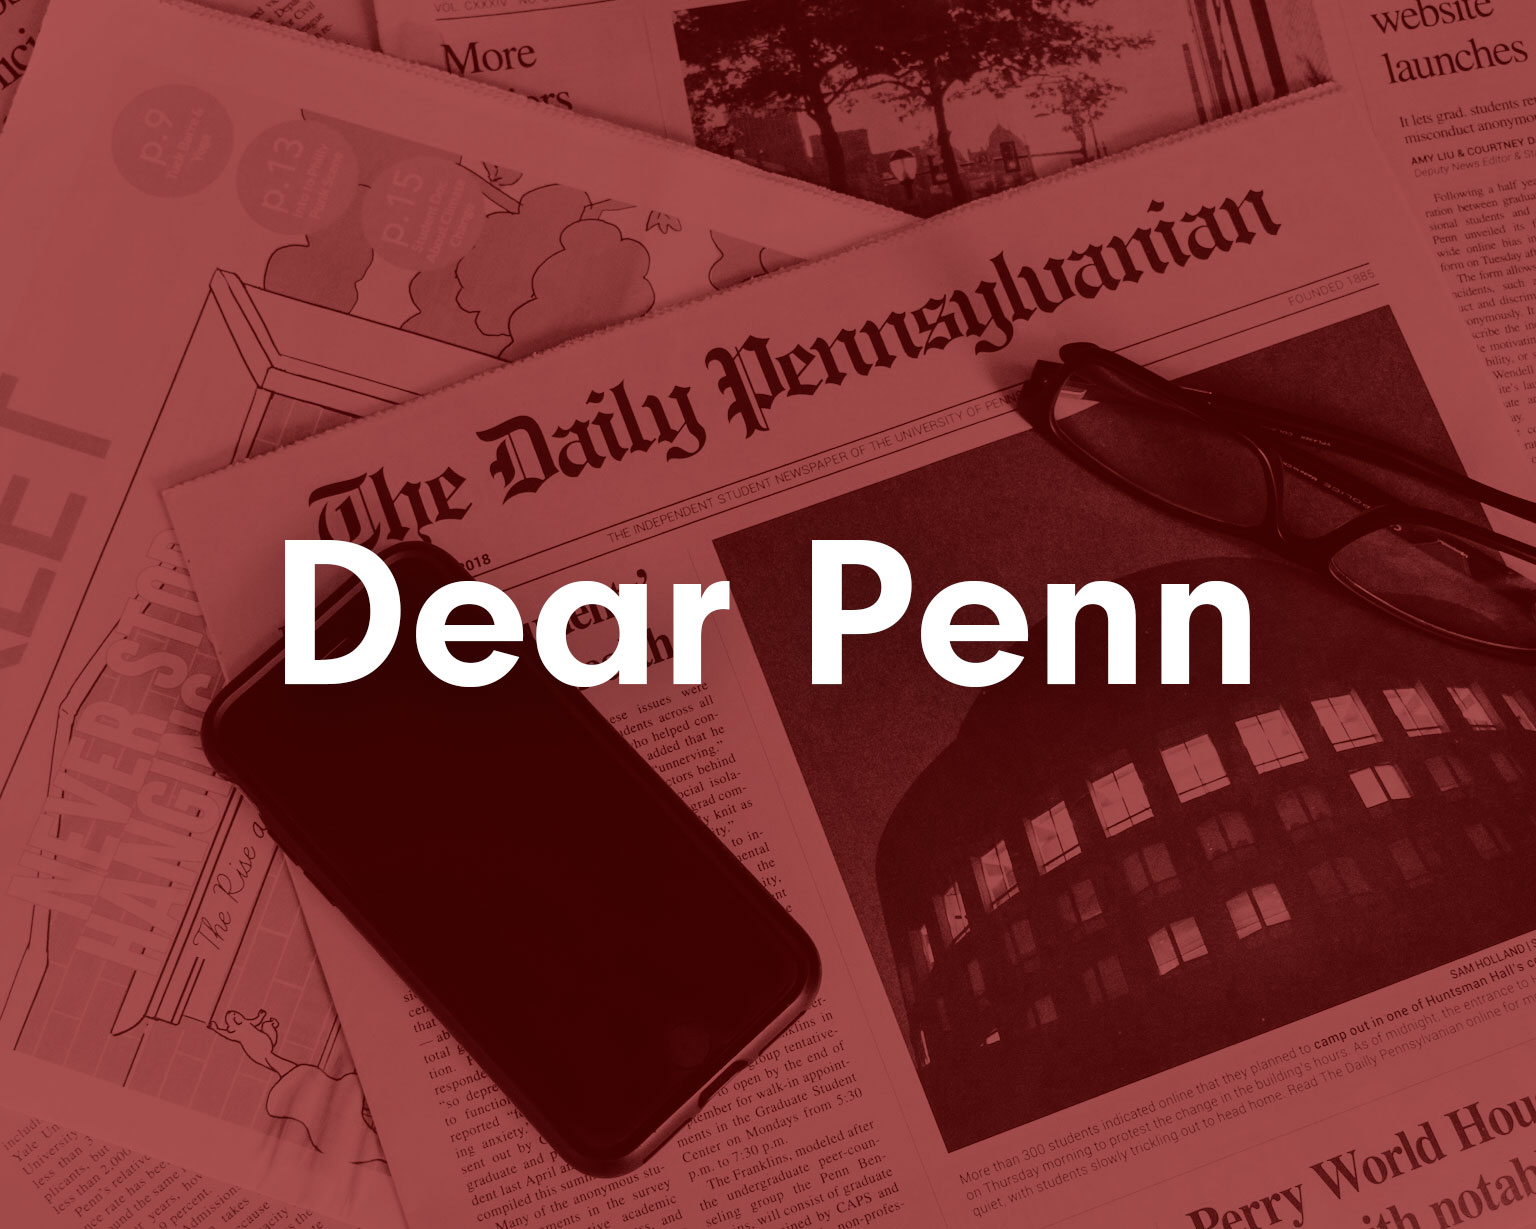 Dear Penn newsletter